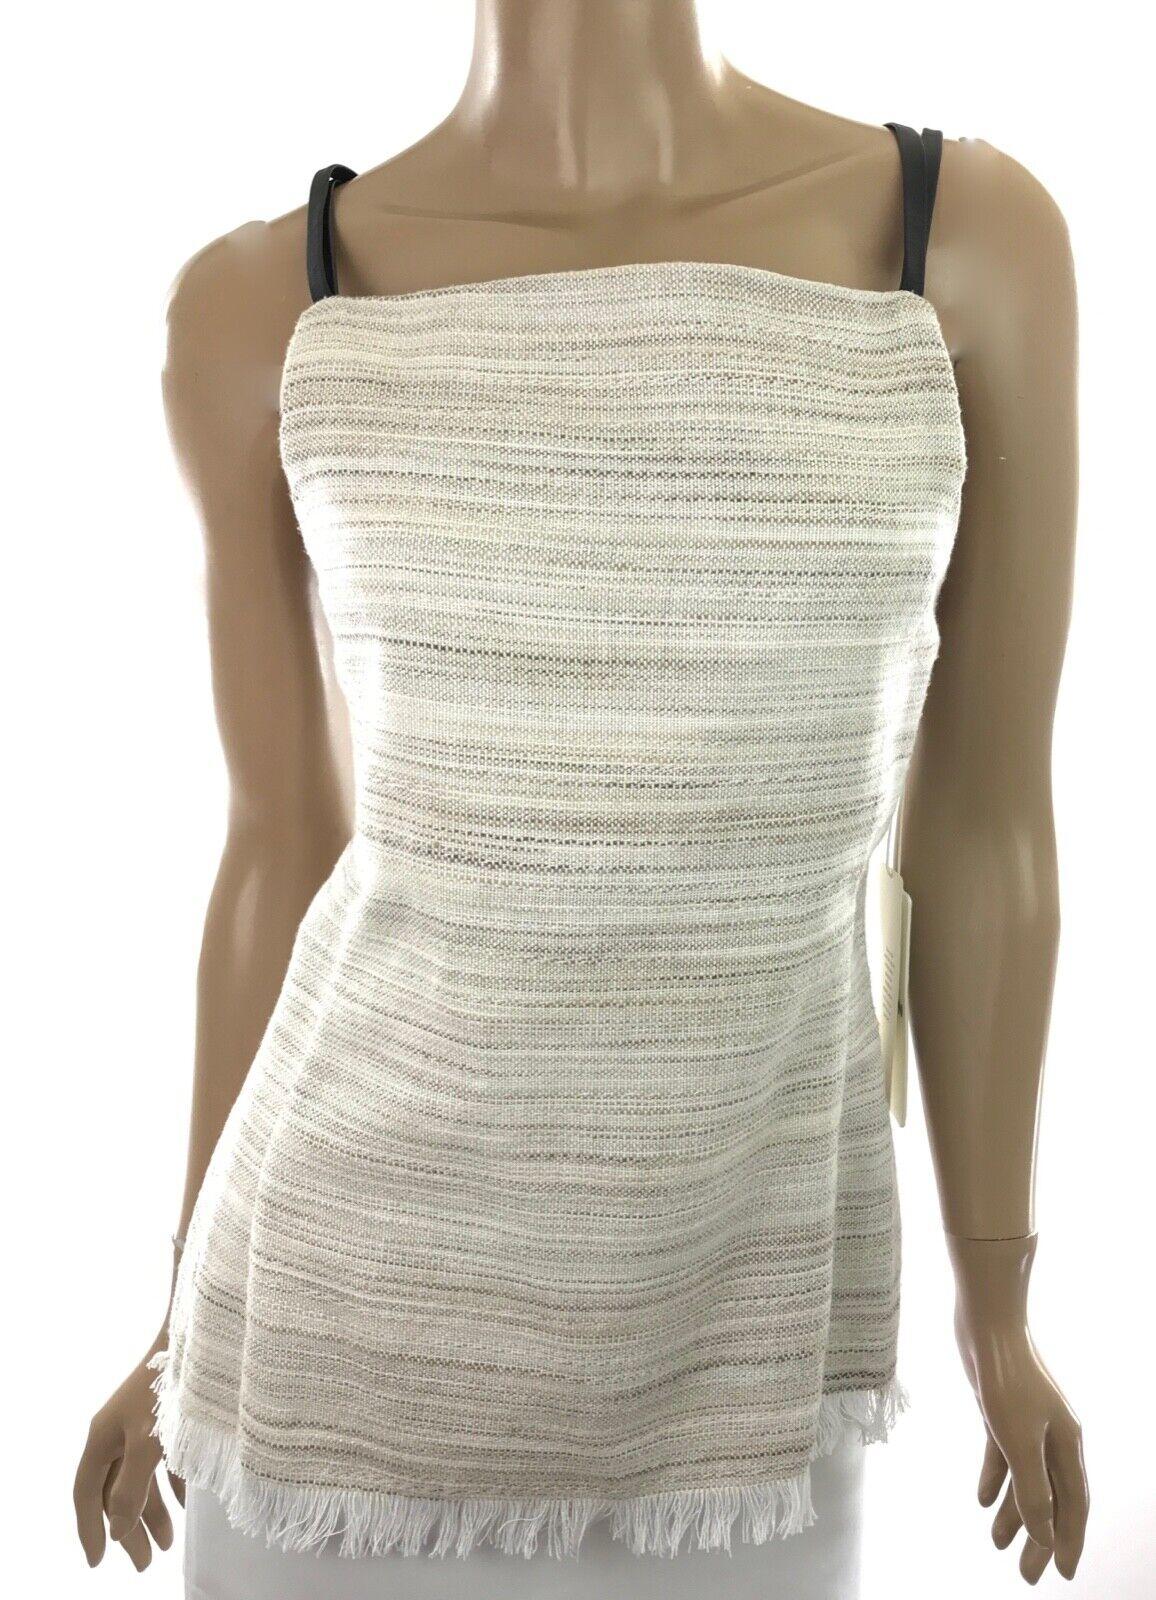 Edun New Top Blouse Cotton Weave Strap Tank Fringe Hem Spaghetti Strap MSRP